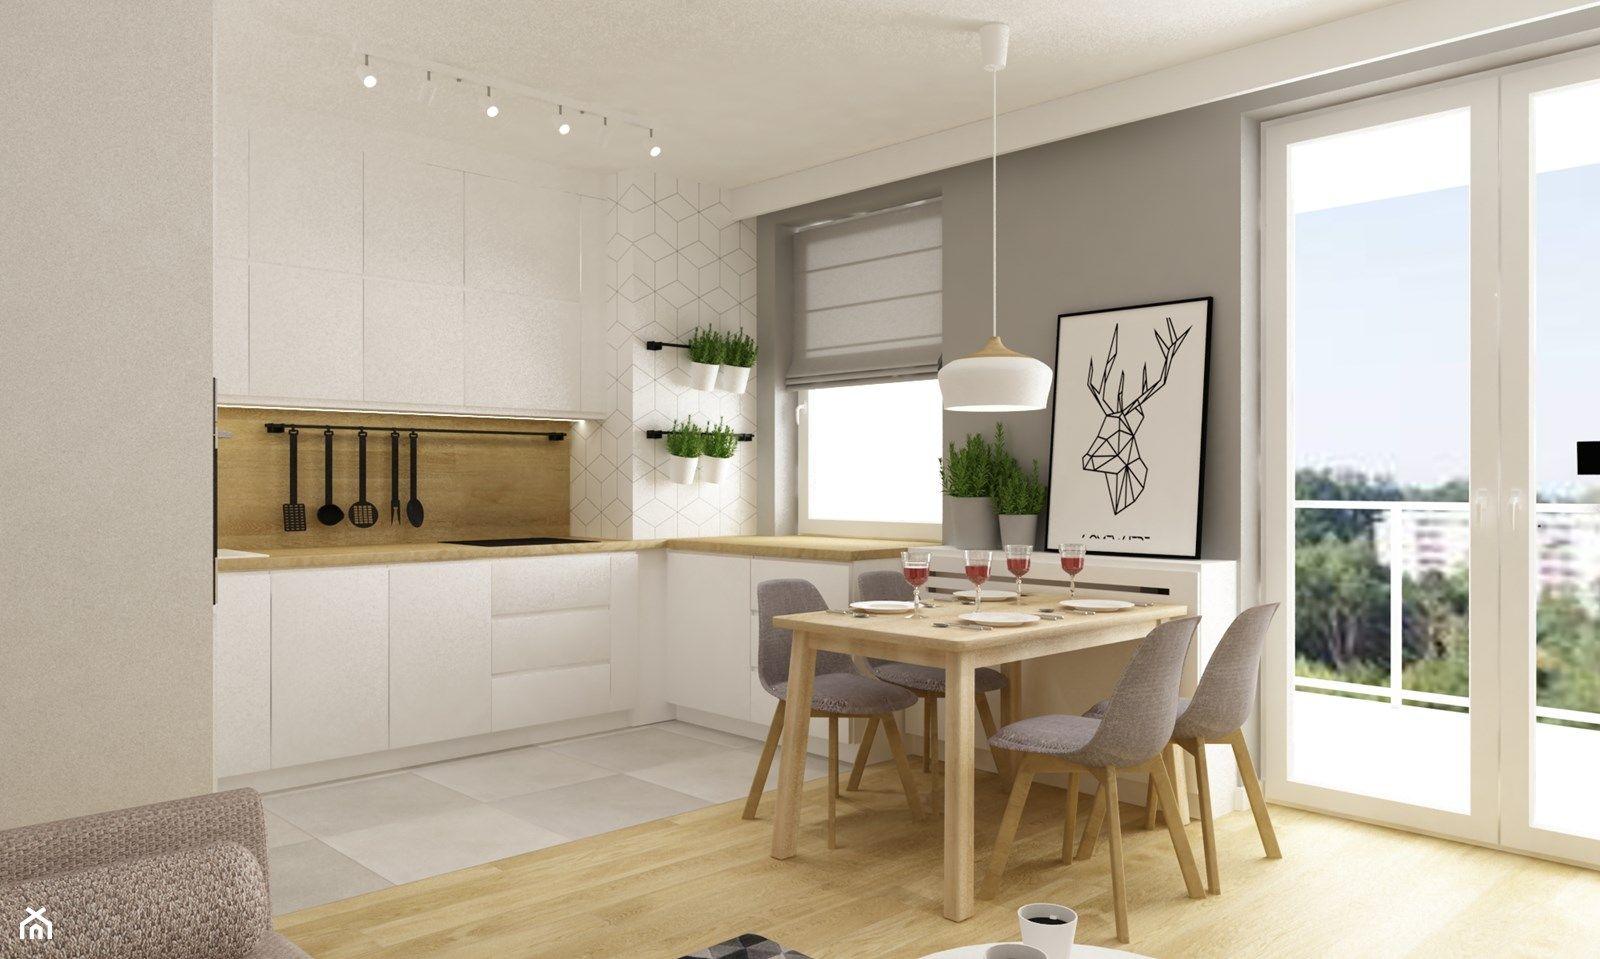 Wystroj Wnetrz Kuchnia Pomysly Na Aranzacje Projekty Ktore Stanowia Prawdziwe Inspiracje Dla Kazdego Dla Kogo Liczy Sie Dobry Home Decor Home Sweet Home